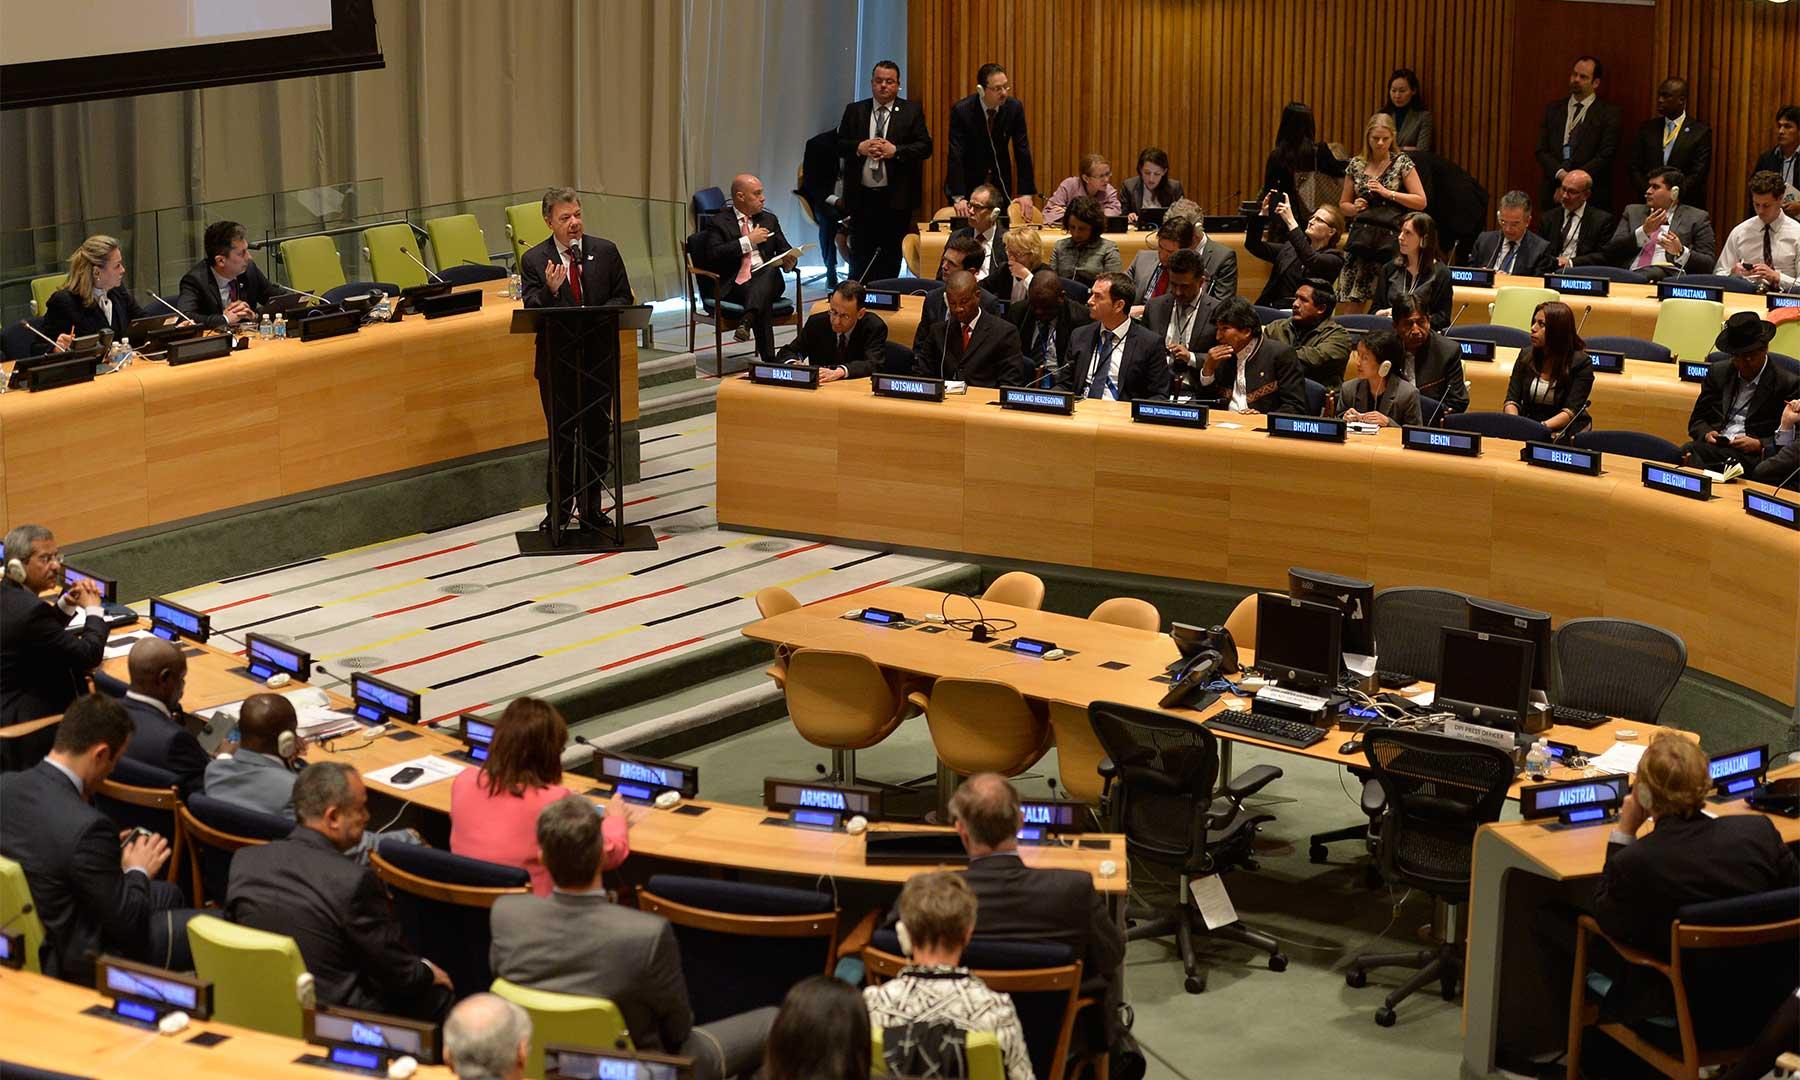 El Presidente Juan Manuel Santos intervino este jueves en la Sesión Especial de la Asamblea General de las Naciones Unidas sobre Drogas (UNGASS), donde pidió un nuevo enfoque para combatir el problema.